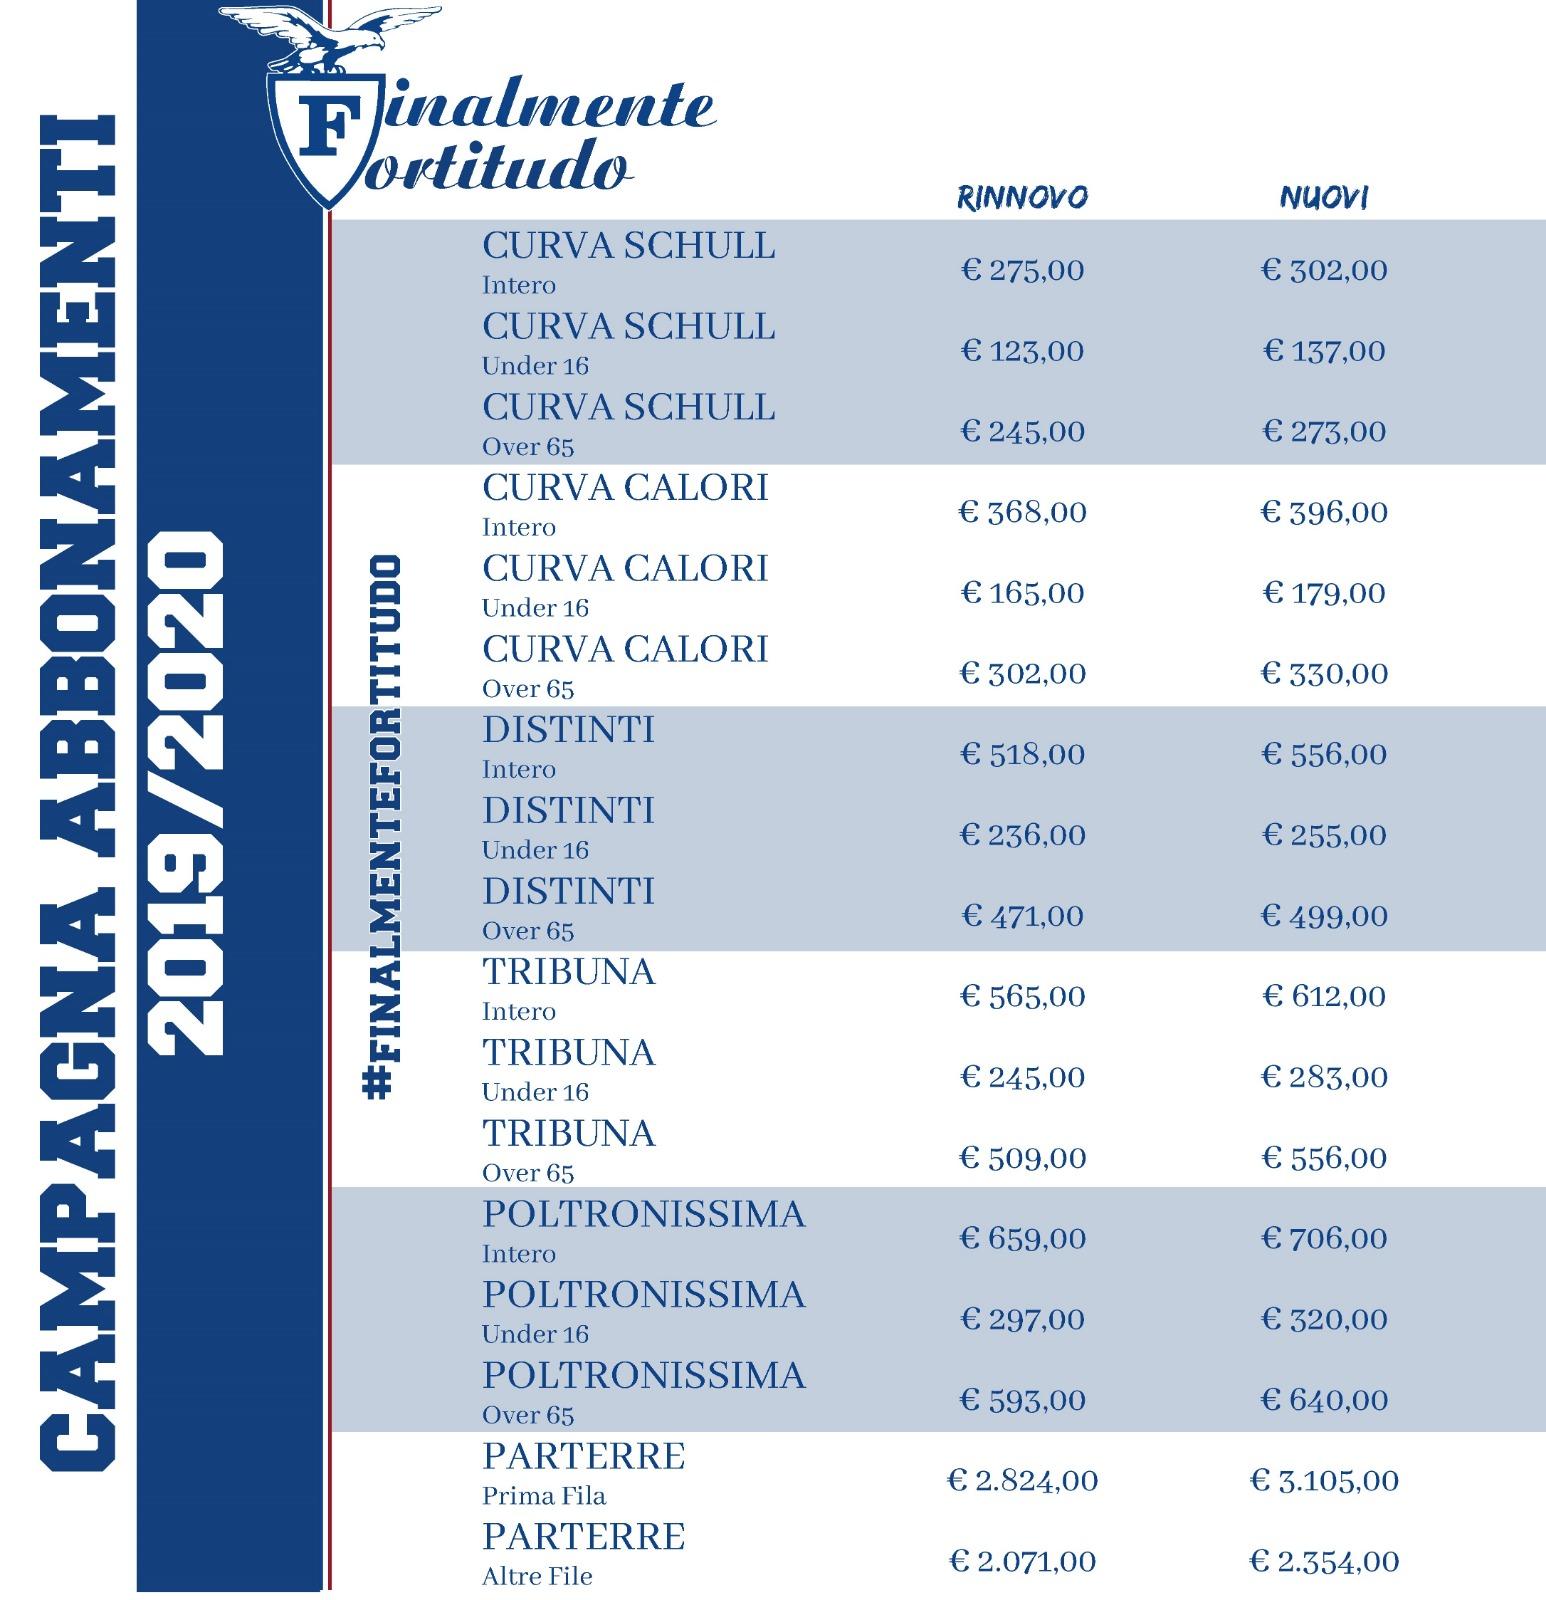 Calendario Fortitudo 2020.Abbonamenti Fortitudo Bologna 103